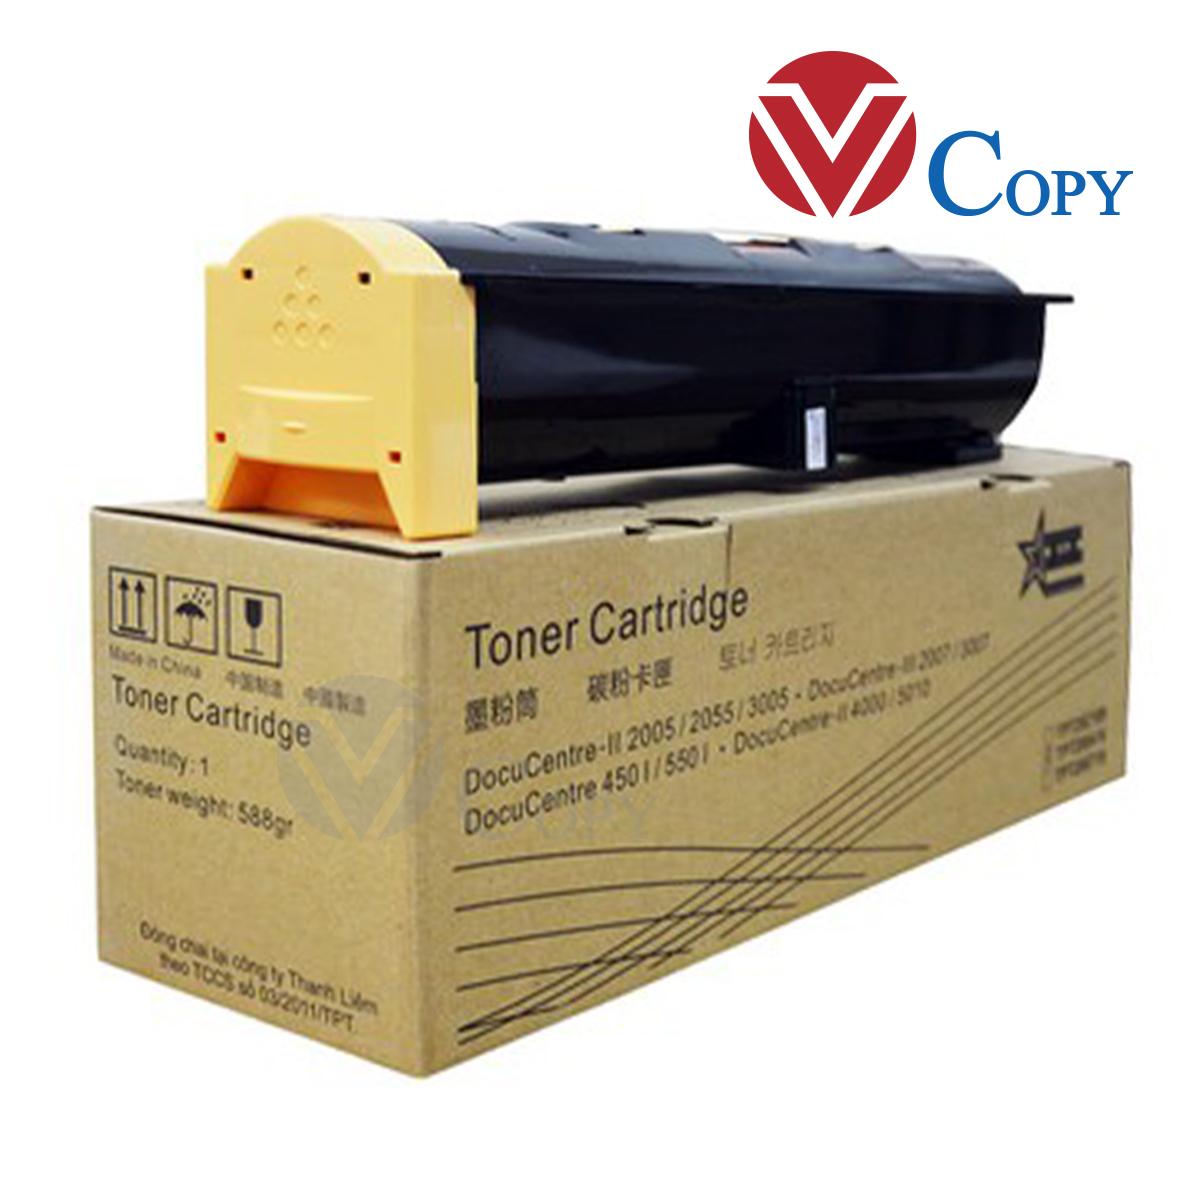 Mực Thương hiệu dùng cho máy photocopy Fuji Xerox DoCucentre 450I /550I /4000 /5010 - Xerox DC CT200719